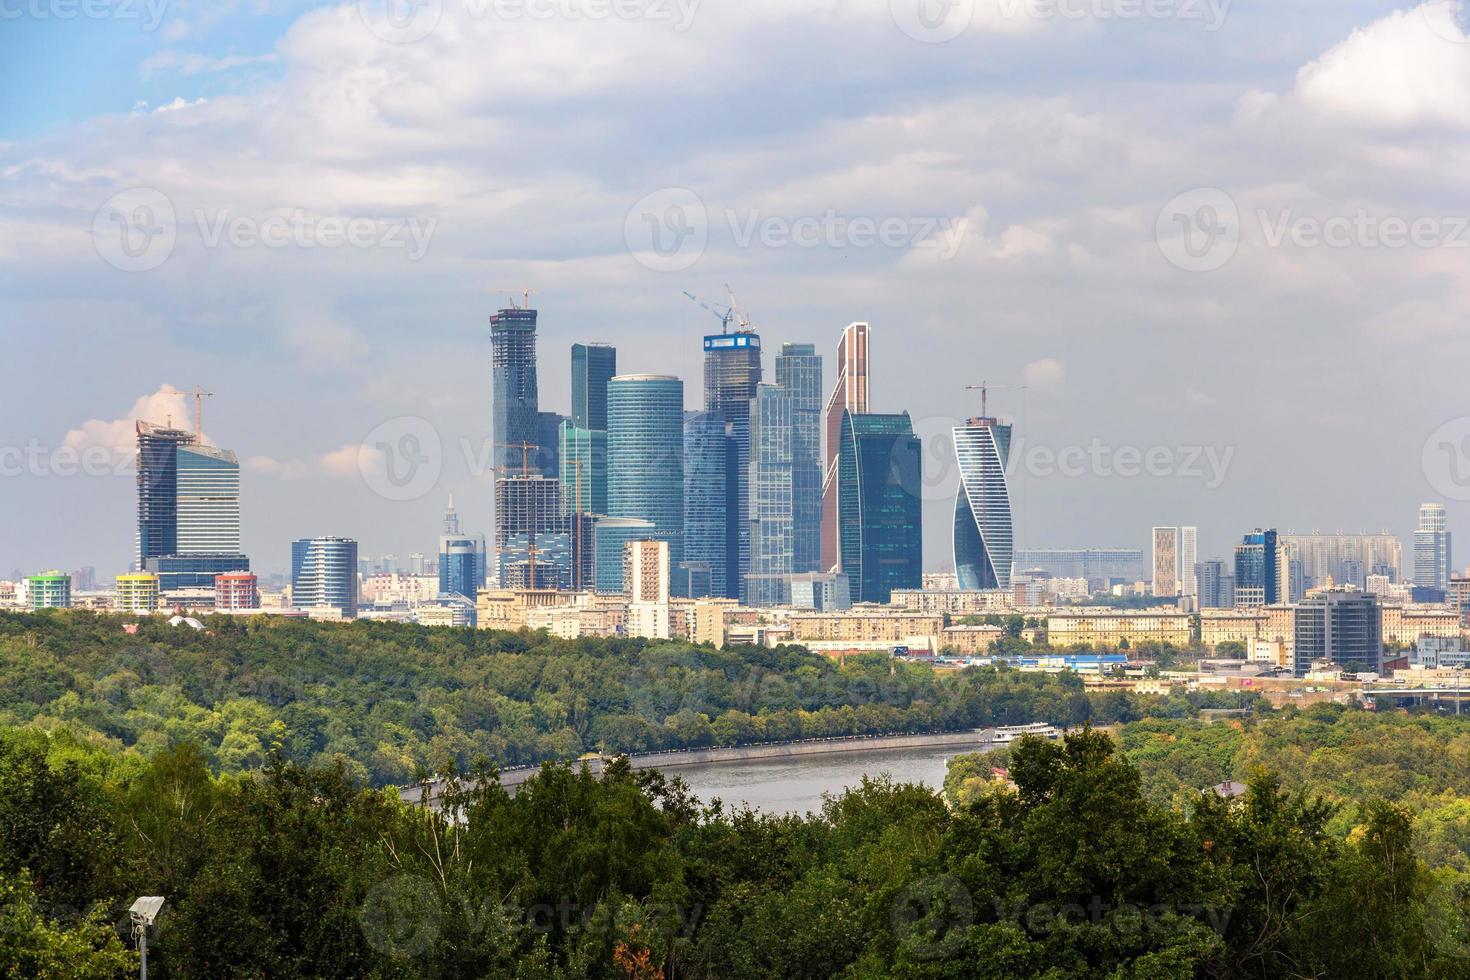 vista da cidade de Moscou do parque sparrow hills foto